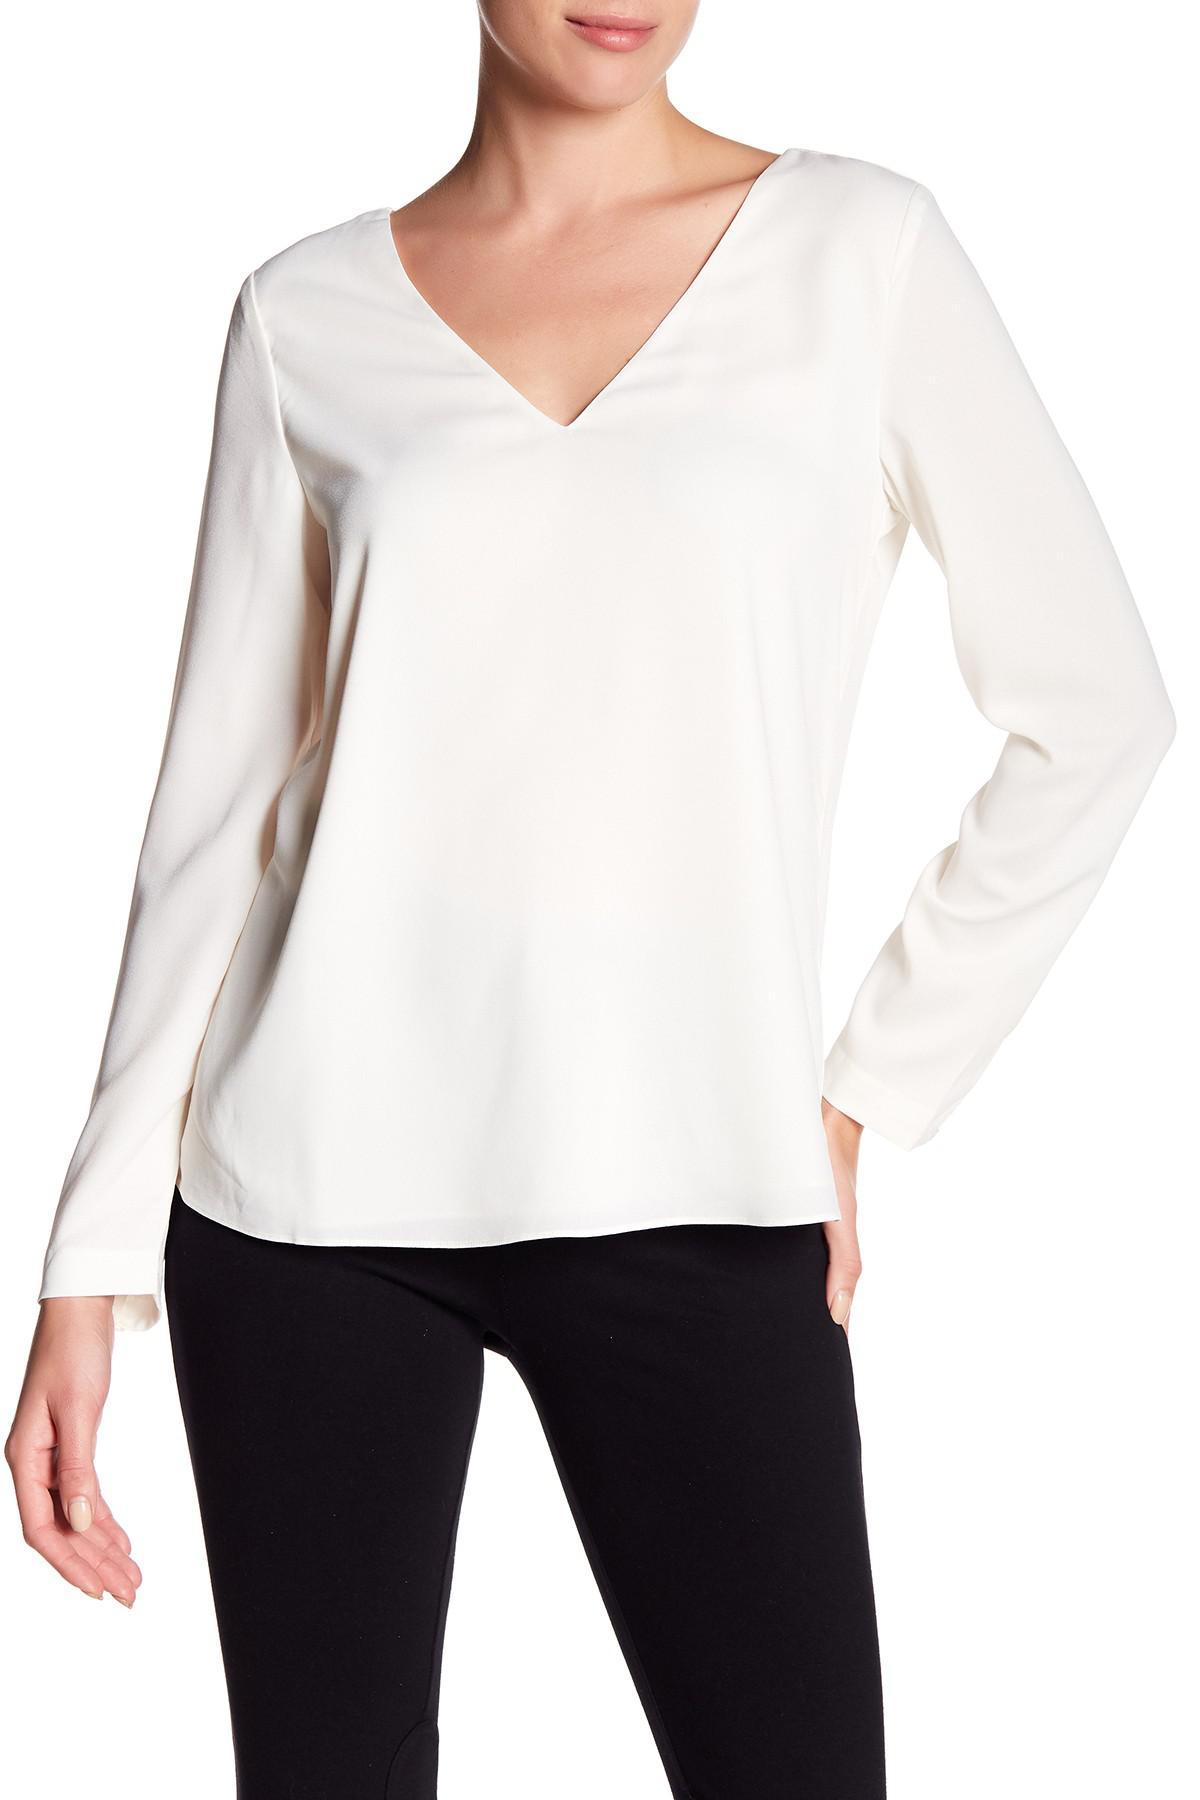 6a1a7c0e5e13b Lyst - Cooper   Ella Freja Lace Long Sleeve Top in White